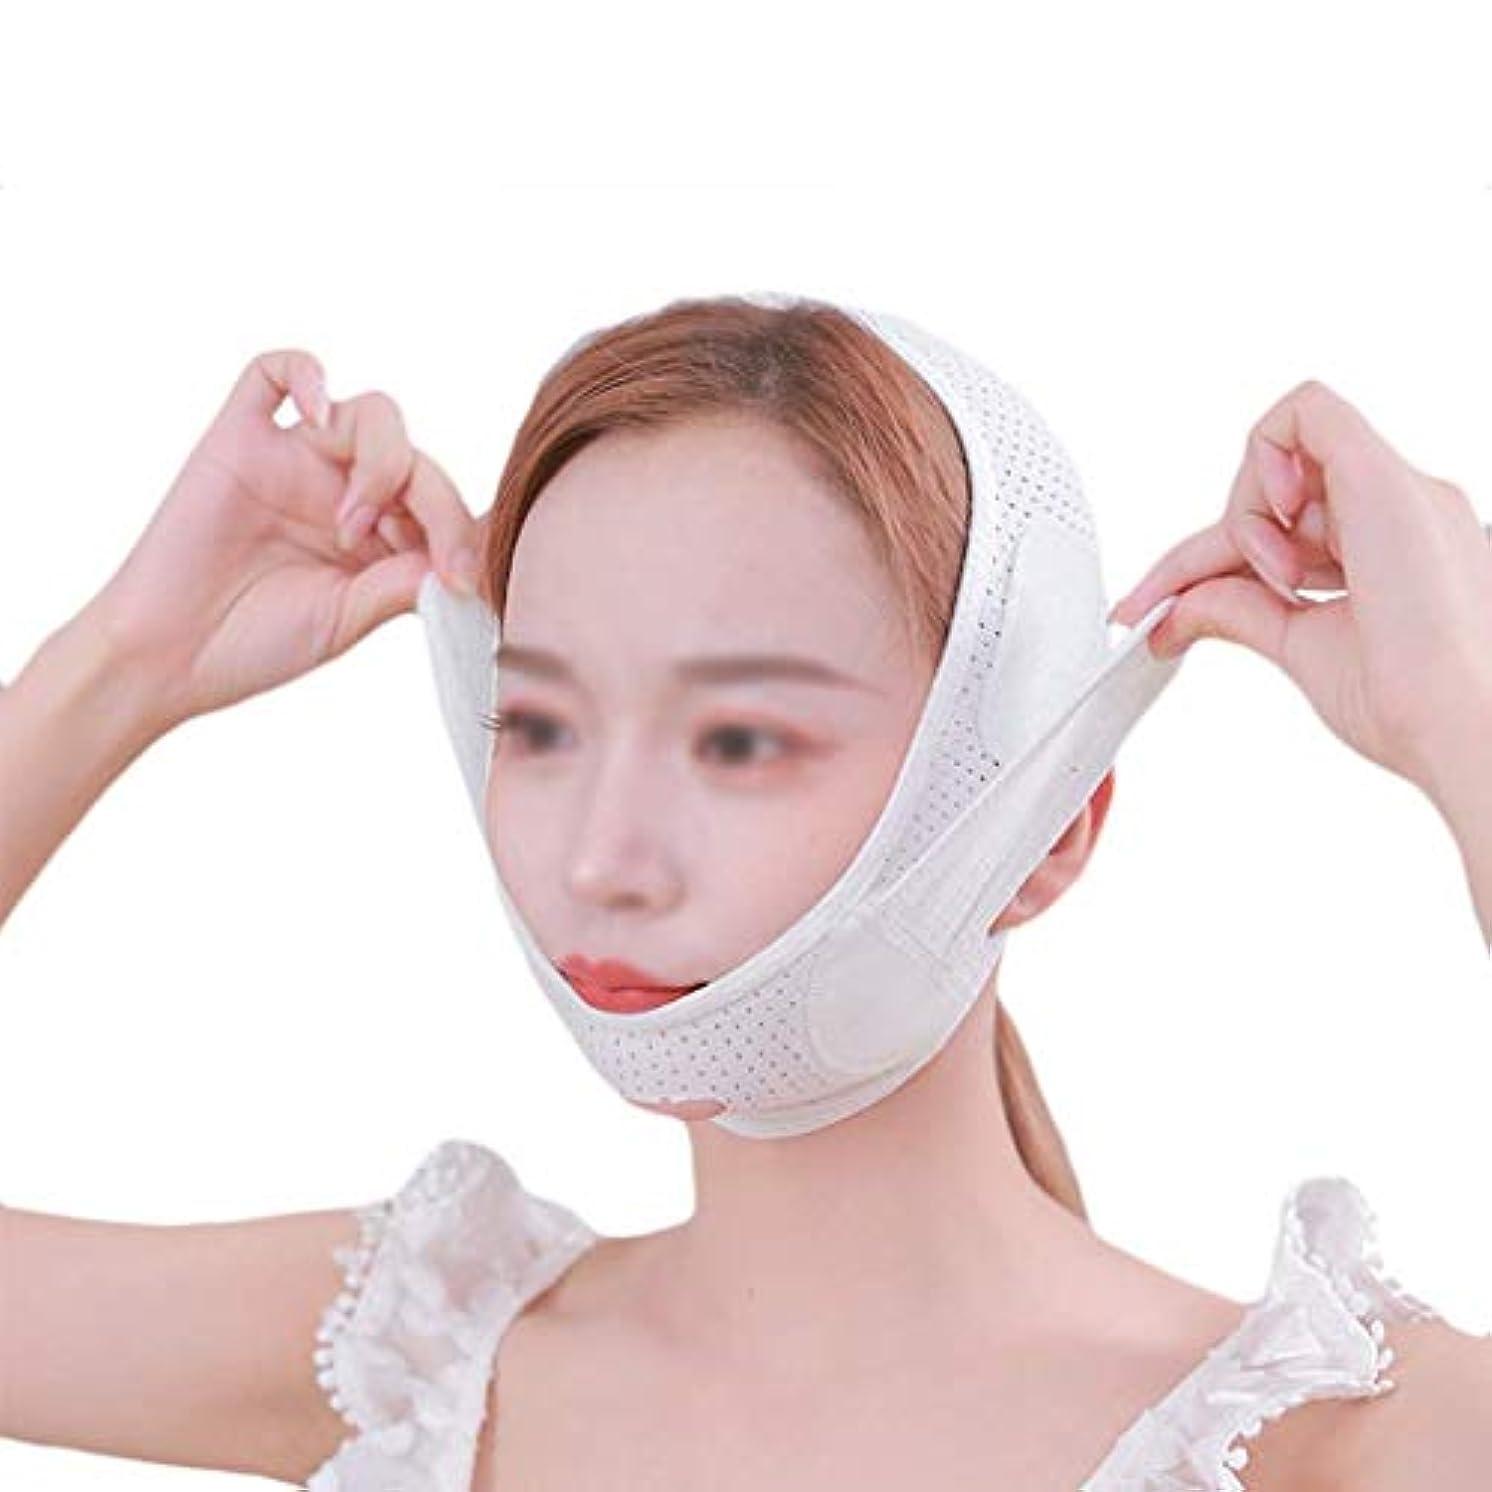 回転見つけるネズミフェイシャルリフティング包帯、頬スリミングマスク包帯、フェイスリフティングファーミングフェースリフティング、リフティングダブルチンフェイシャルマスク(ホワイト、フリーサイズ)